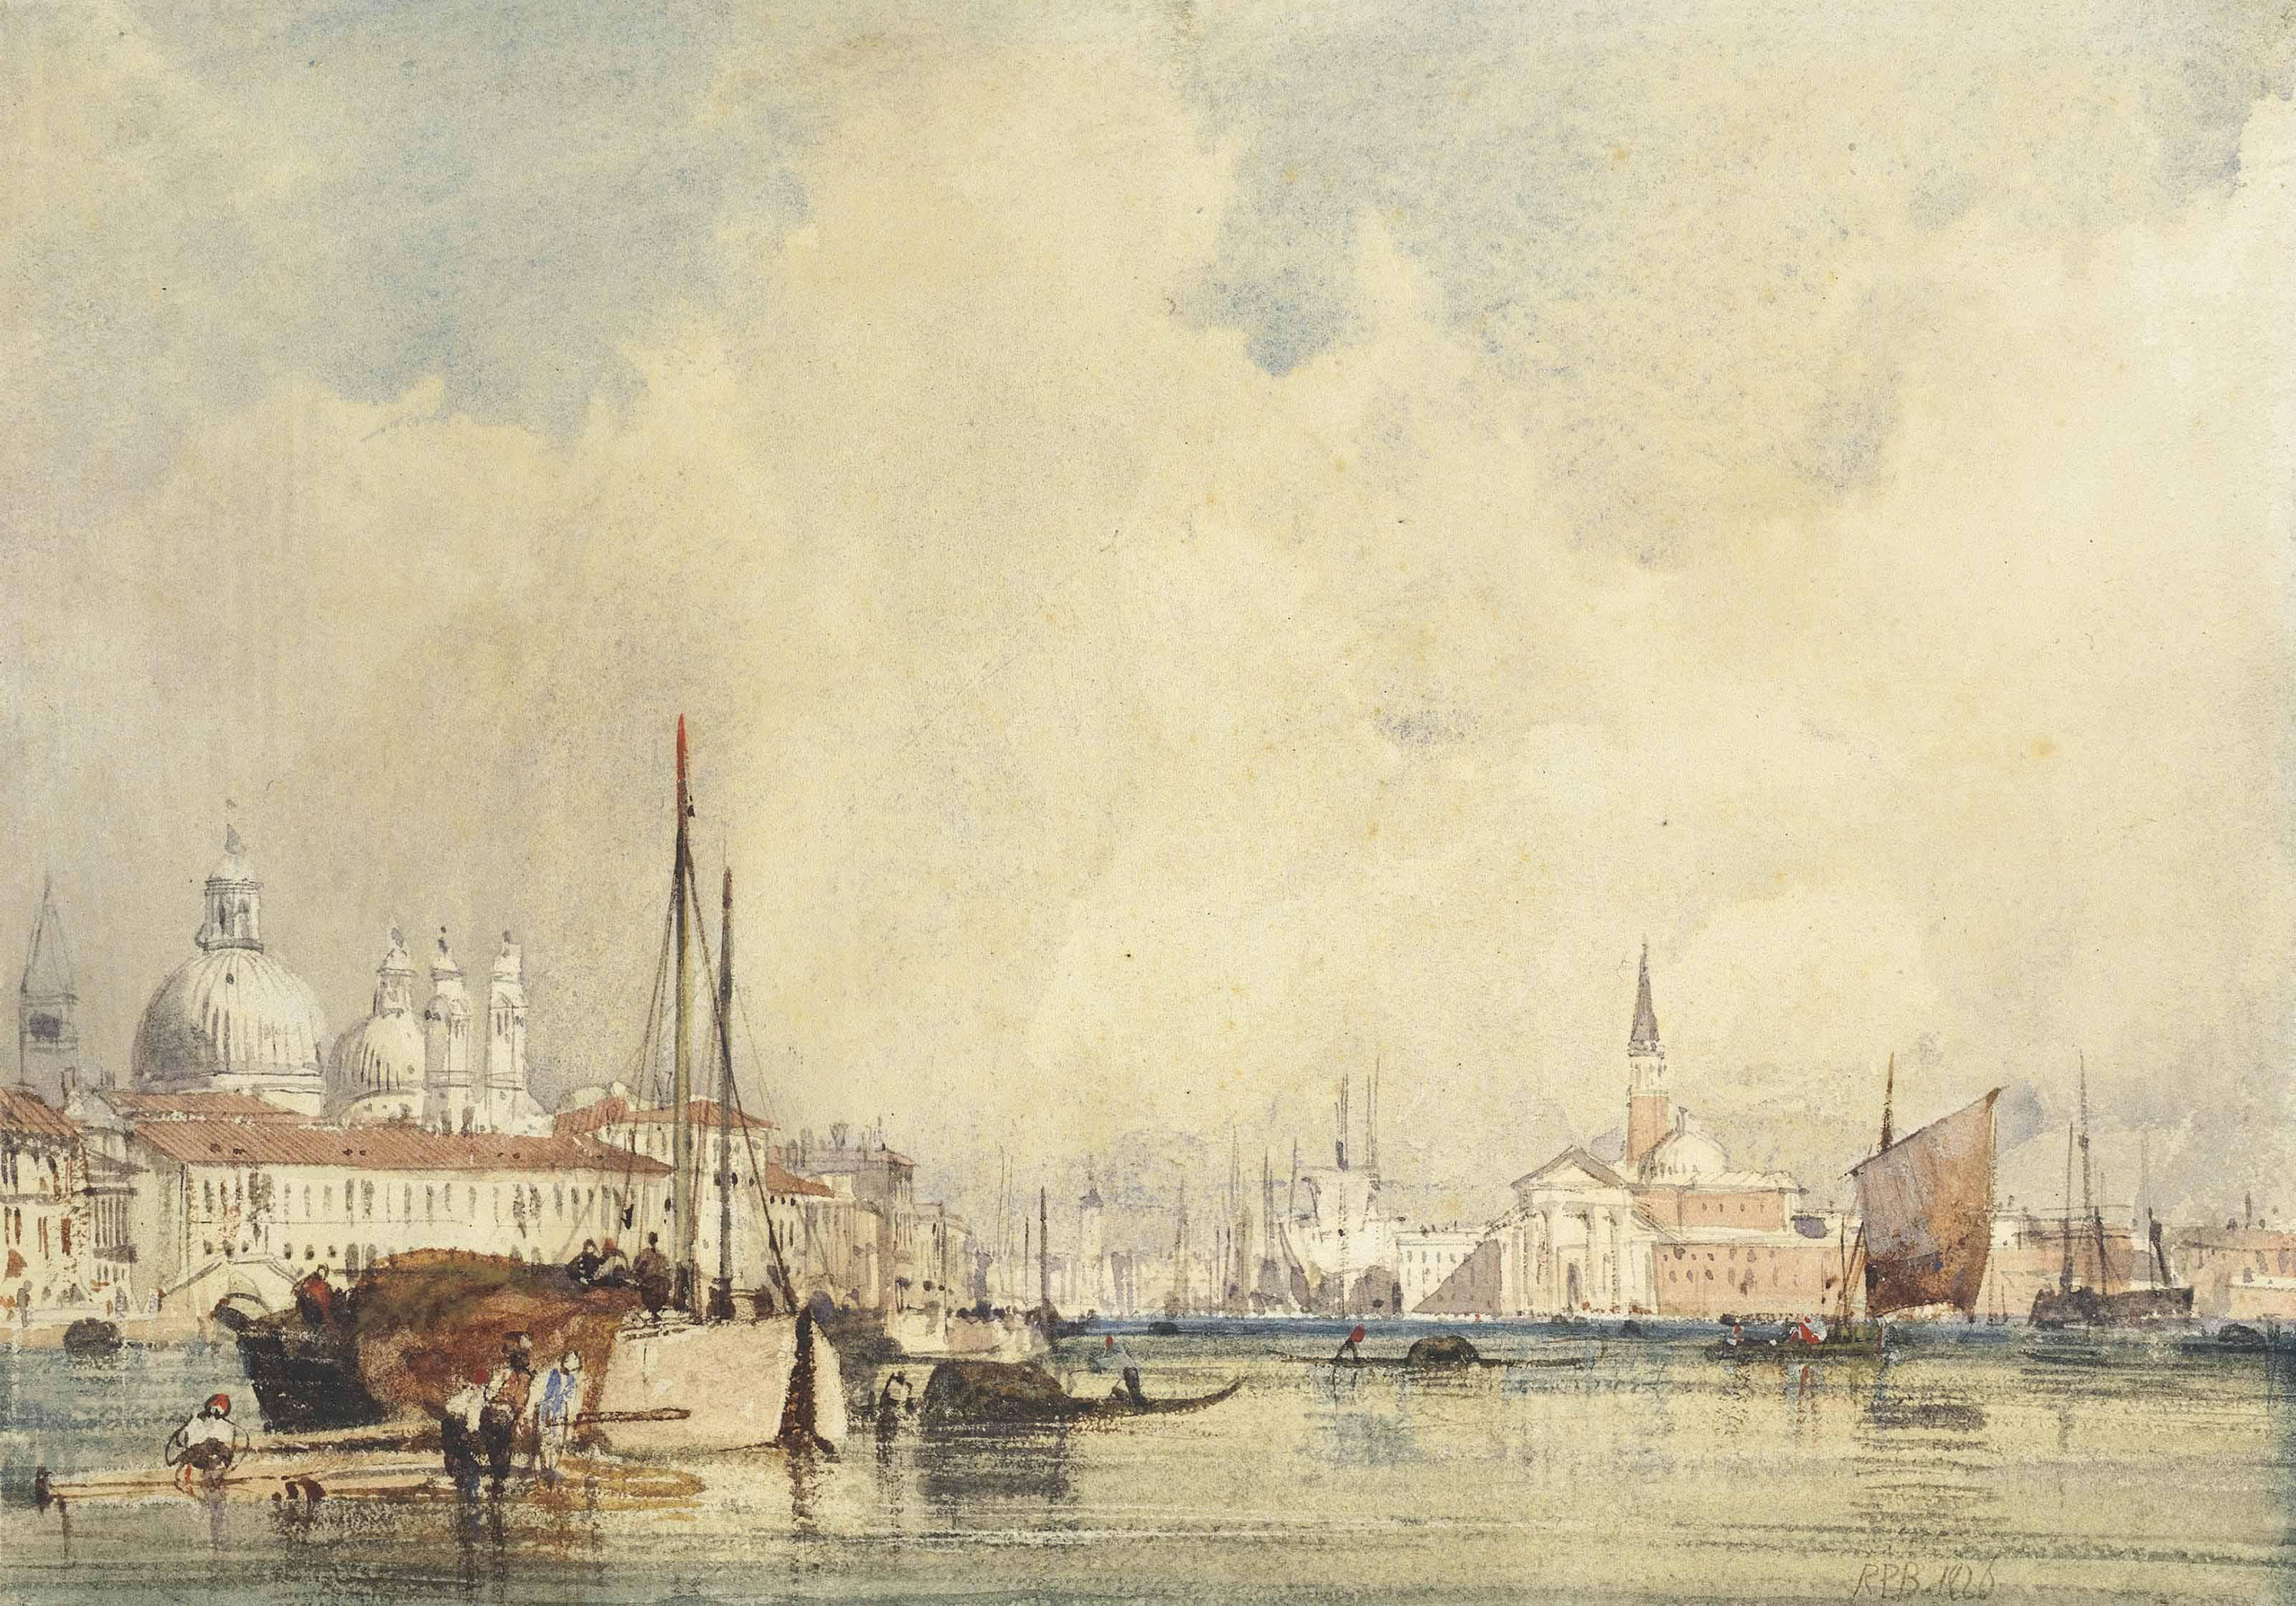 Venice from the Giudecca with San Giorgio Maggiore